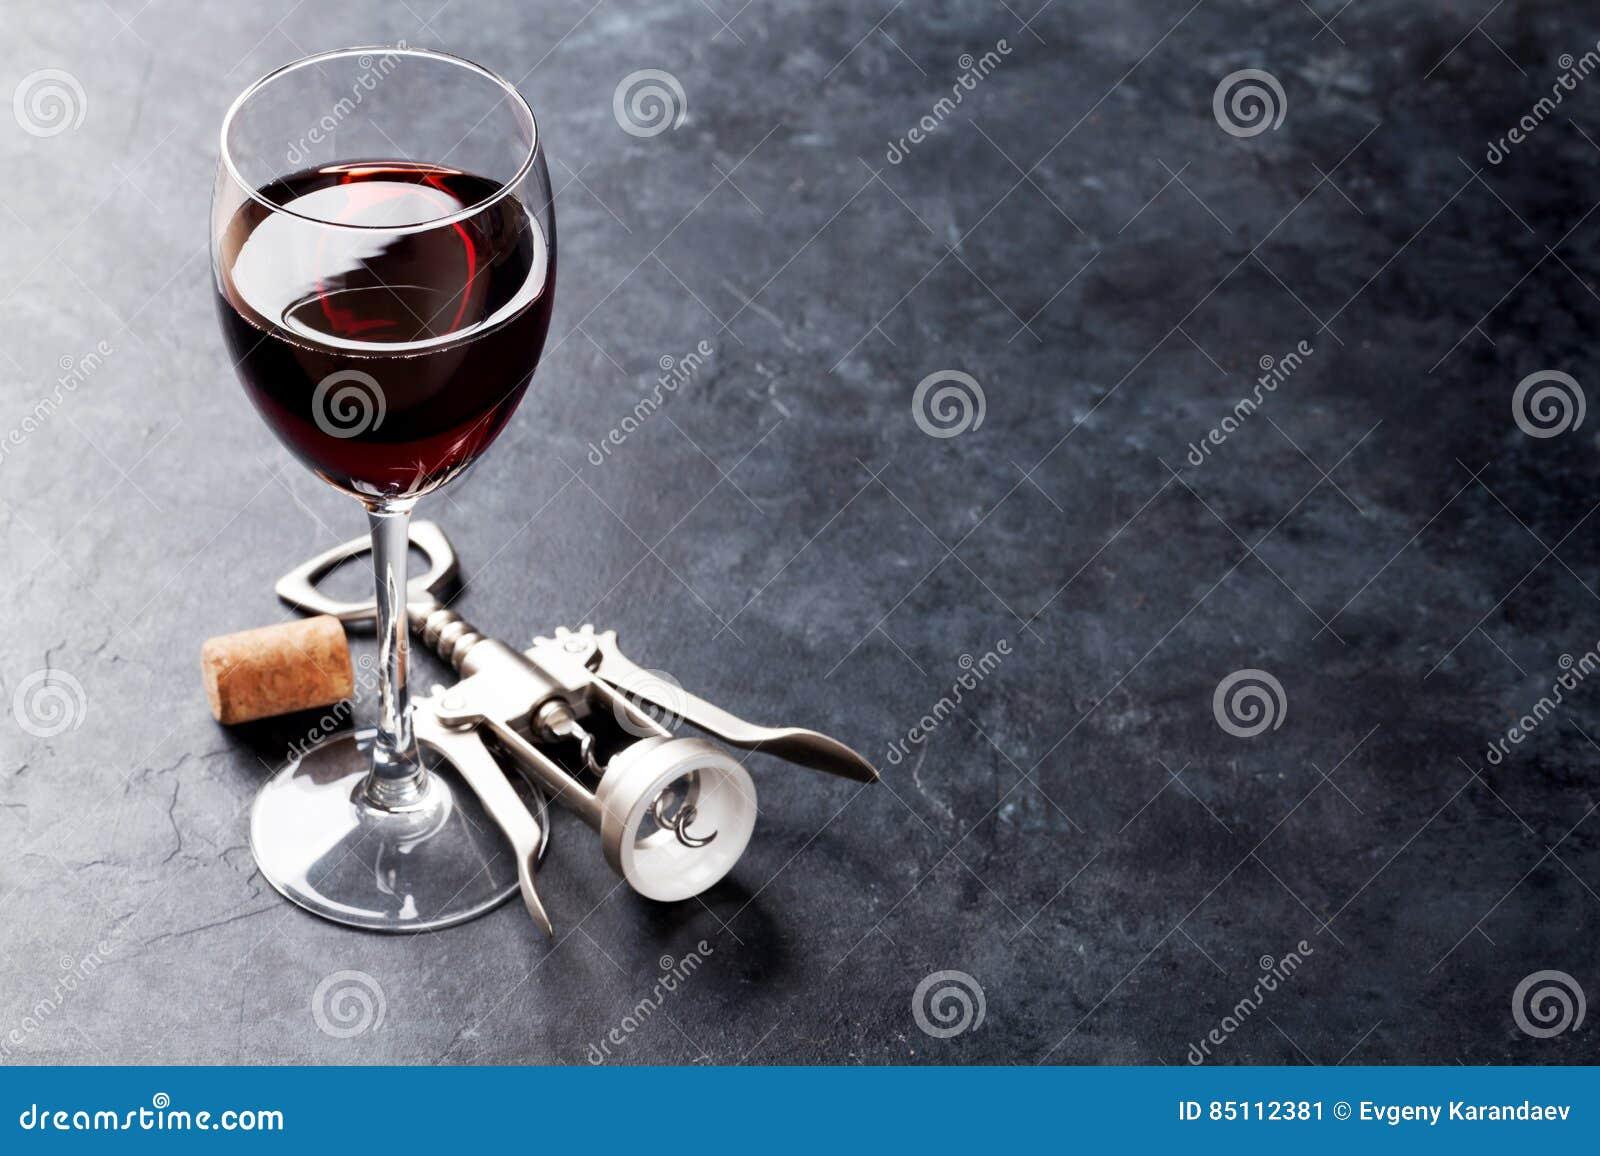 红葡萄酒玻璃和拔塞螺旋